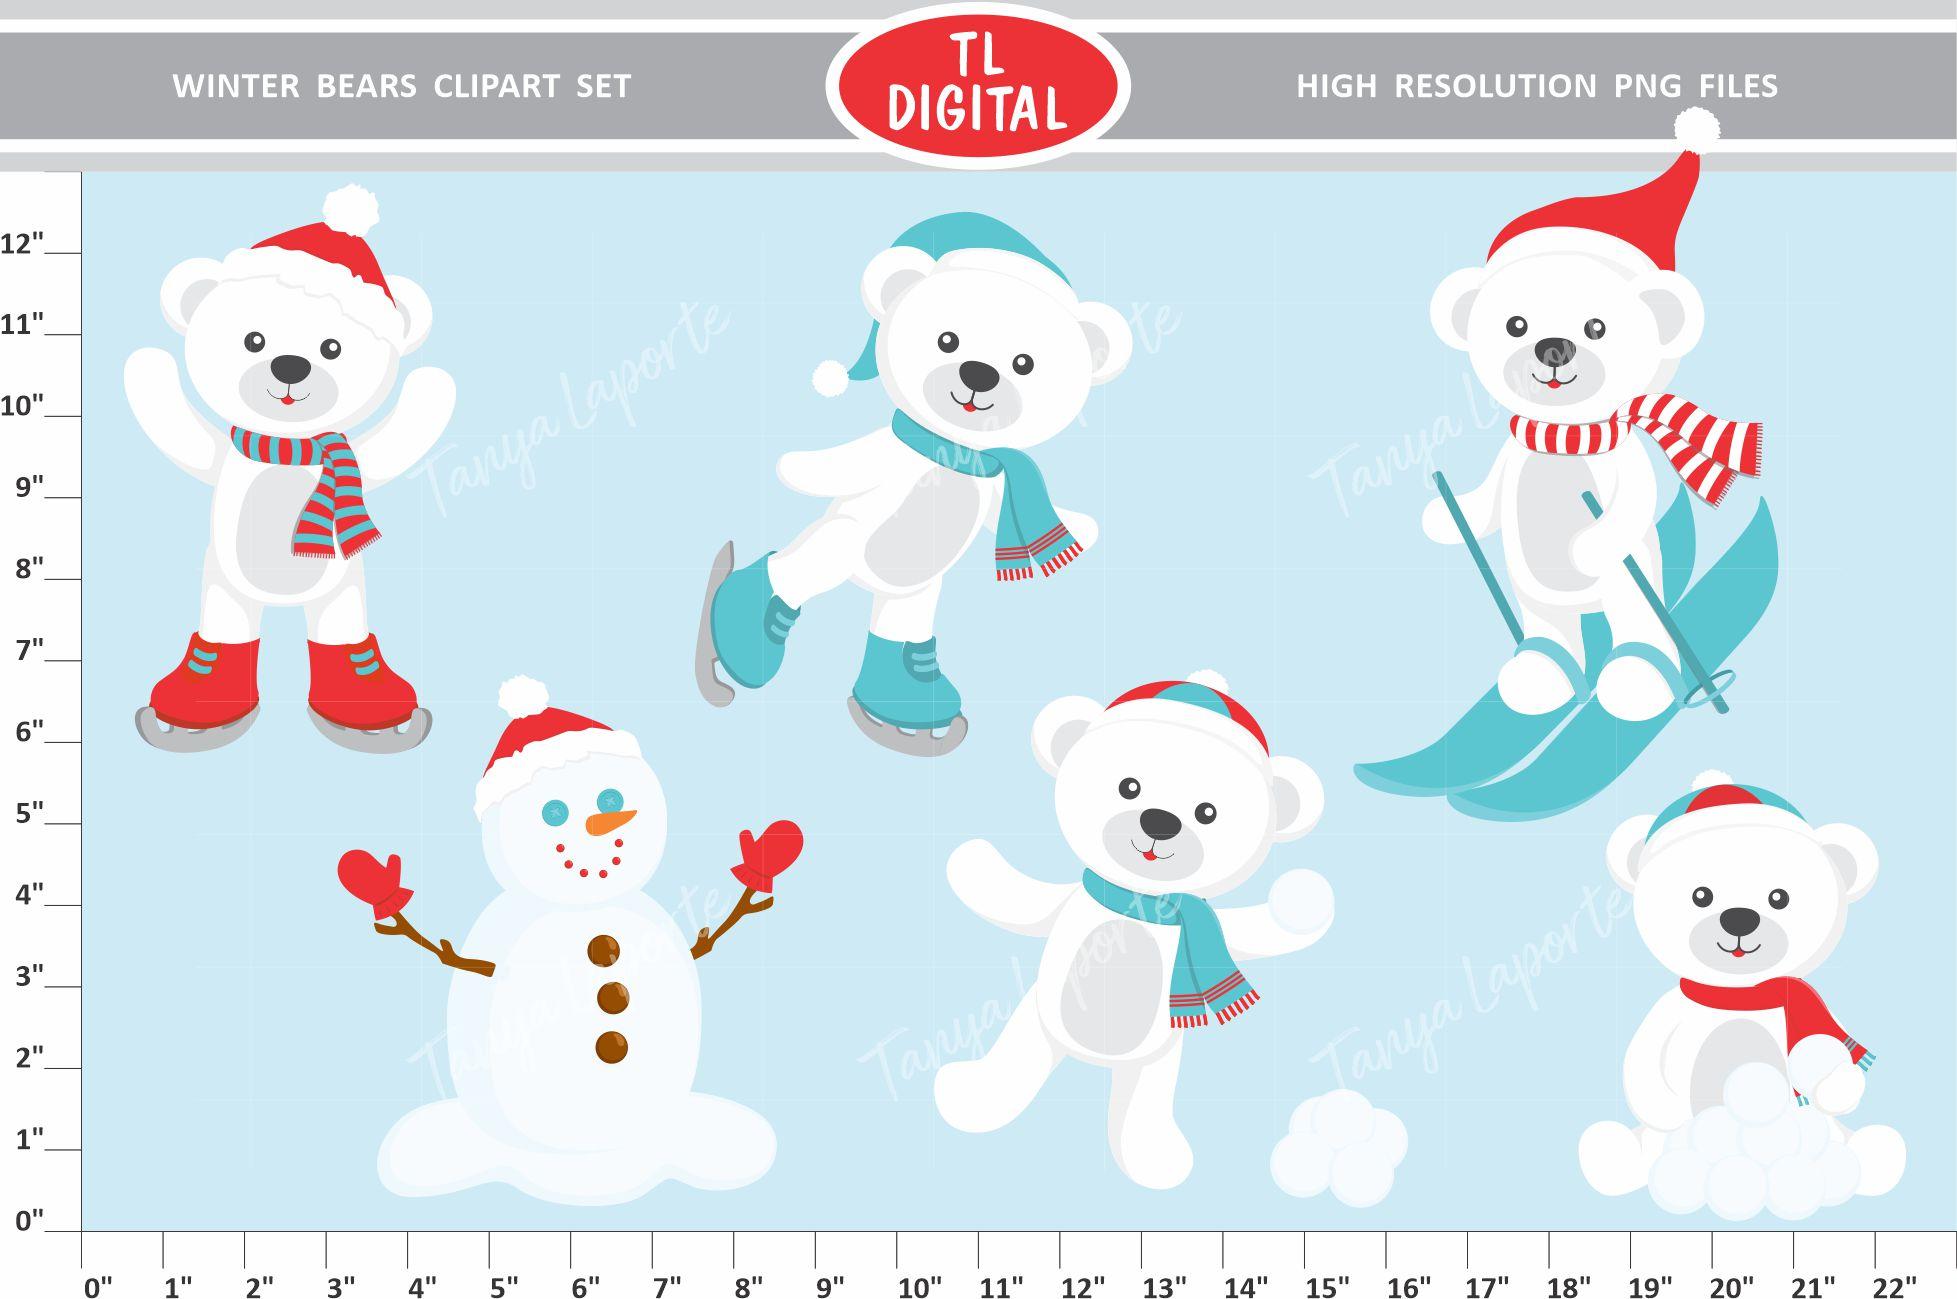 Winter Bears Clipart Set.